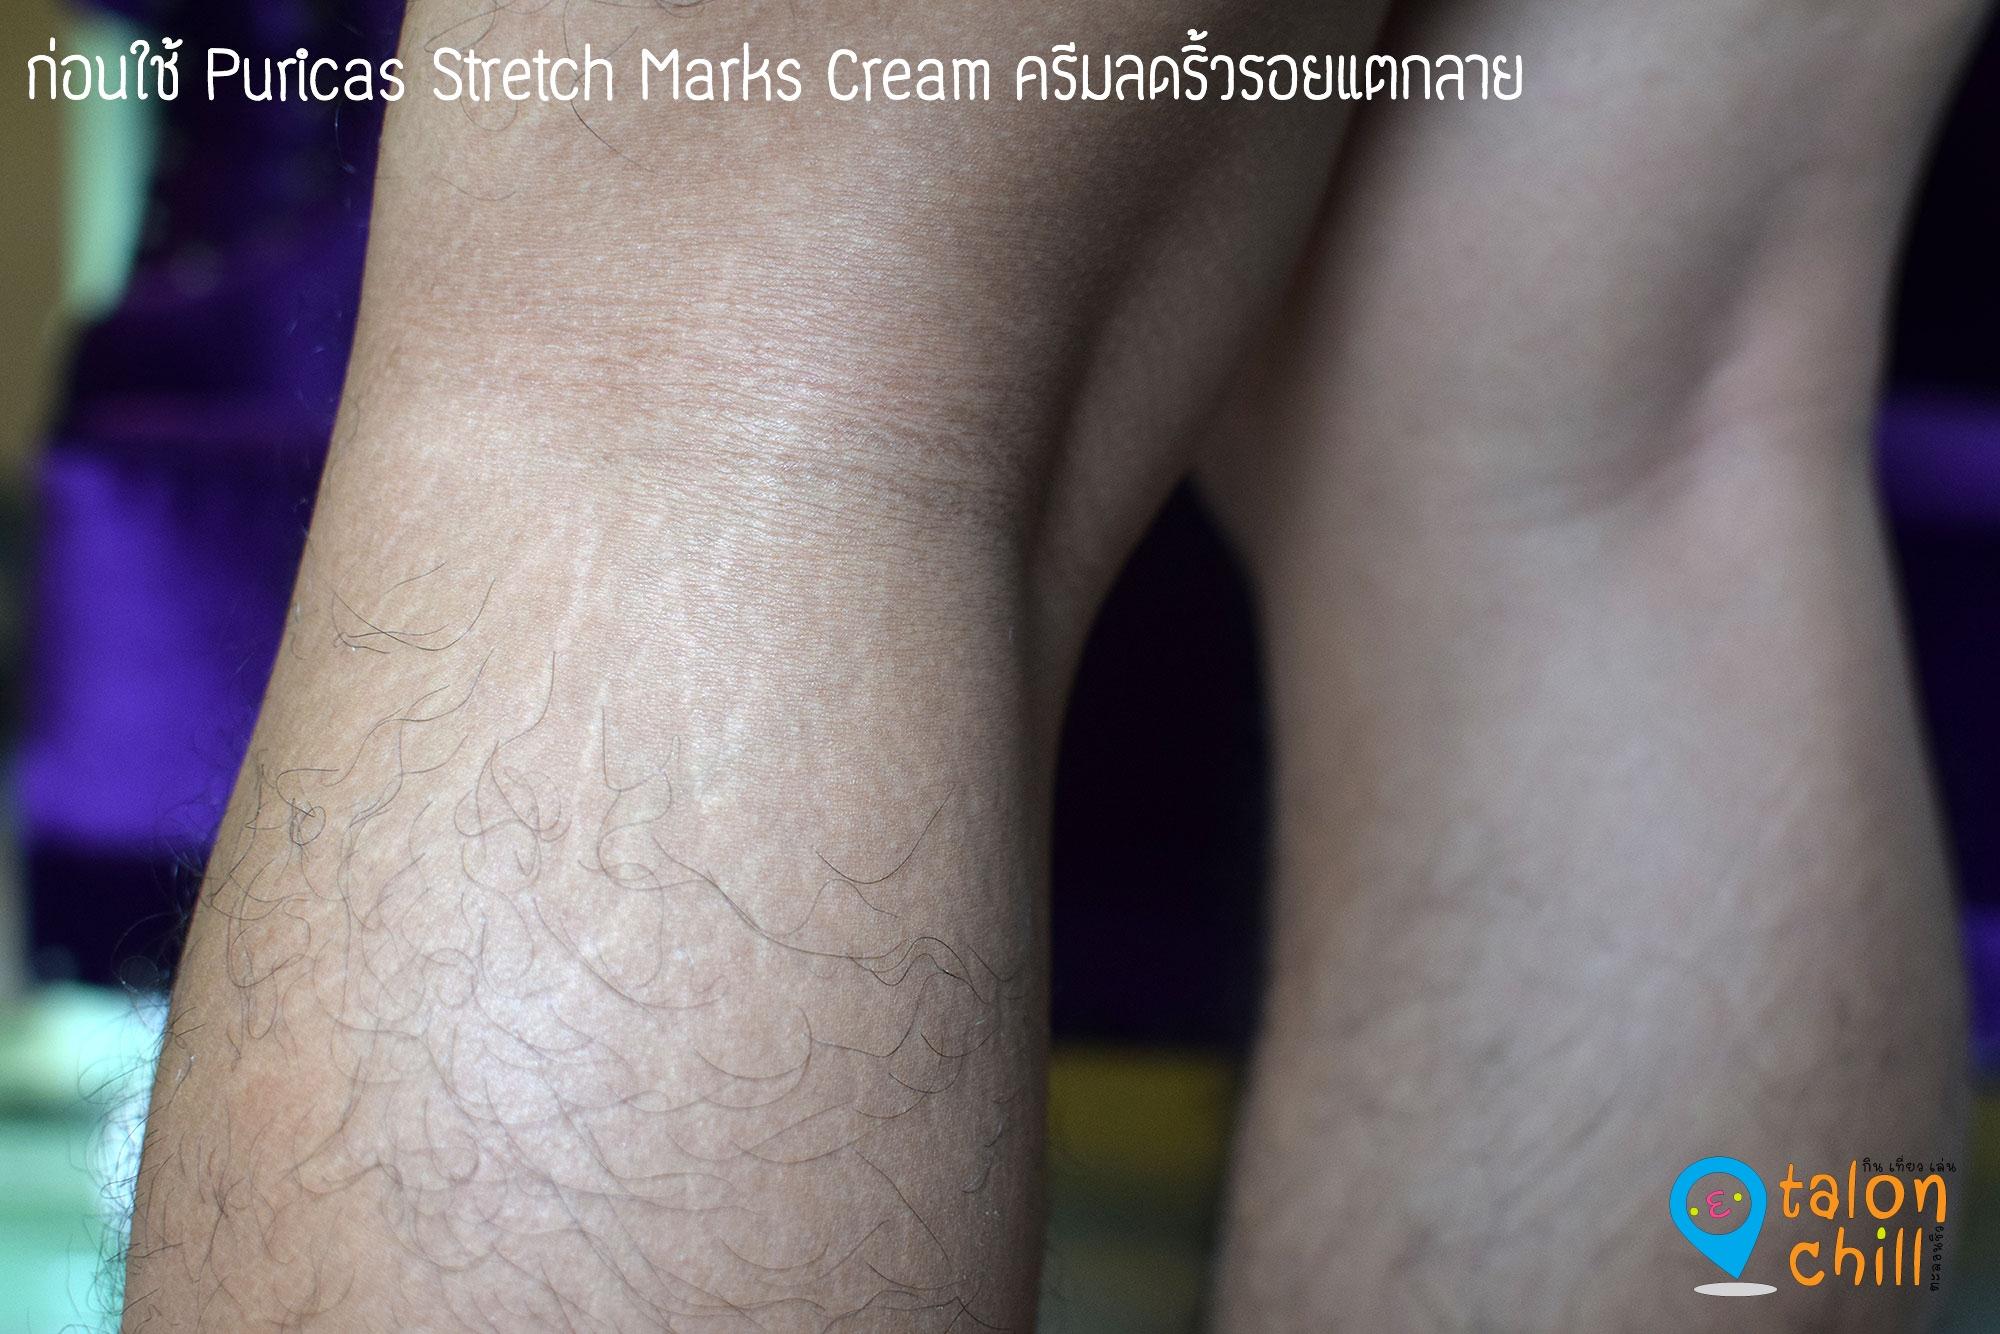 puricas-stretch-marks-cream_1